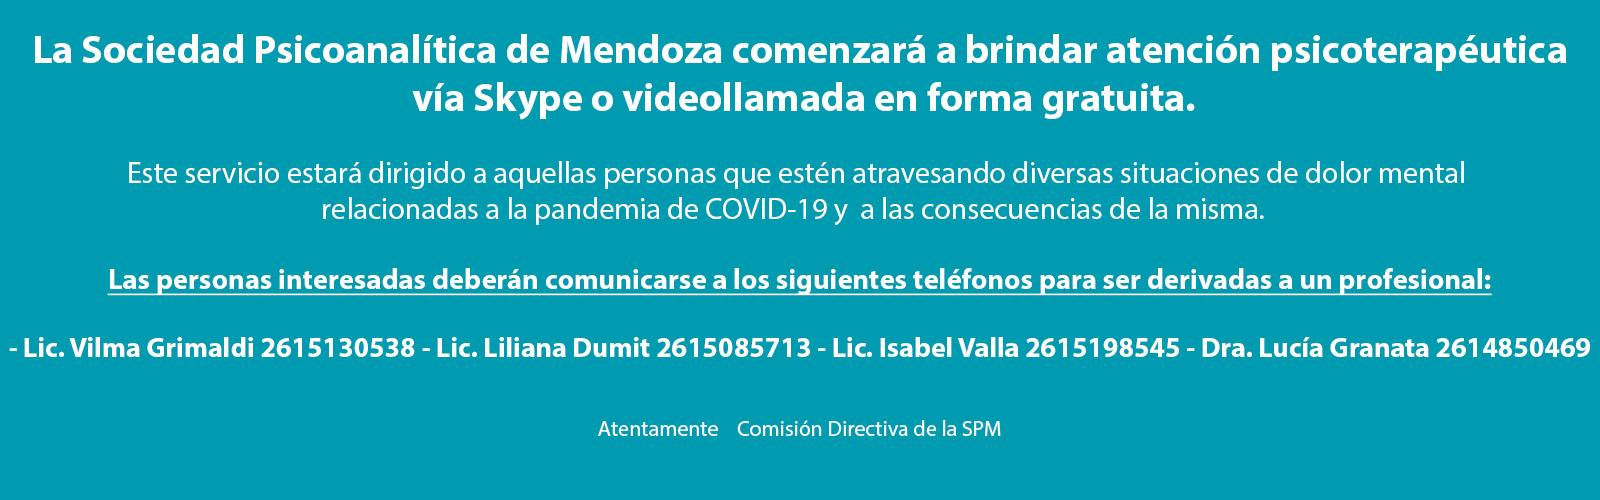 La Sociedad Psicoanalítica de Mendoza comenzará a brindar atención psicoterapéutica vía Skype o videollamada en forma gratuita. Este servicio estará dirigido a aquellas personas que estén atravesando diversas situaciones de dolor mental relacionadas a la pandemia de COVID-19 y a las consecuencias de la misma. Las personas interesadas deberán comunicarse a los siguientes teléfonos para ser derivadas a un profesional: Lic. Vilma Grimaldi 2615130538 Lic. Liliana Dumit 2615085713 Lic. Isabel Valla 2615198545 Dra. Lucía Granata 2614850469 Atentamente Comisión Directiva de la SPM